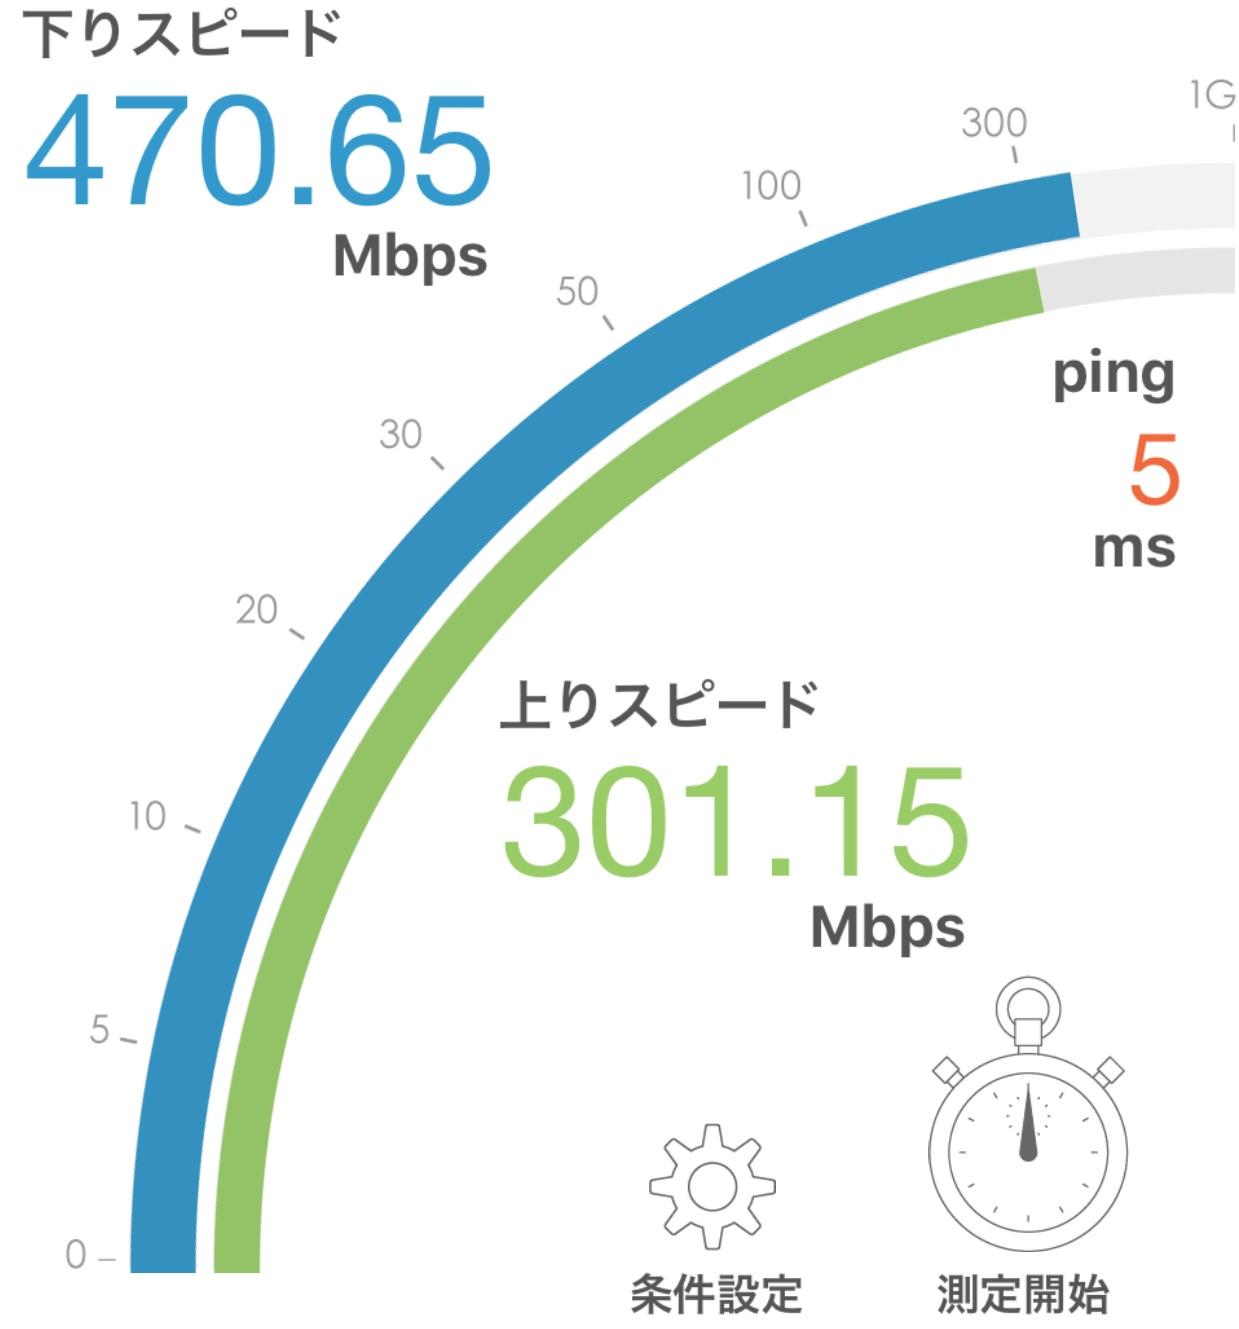 ニューロ光 Wi-Fi実測 2017年9月 計測結果